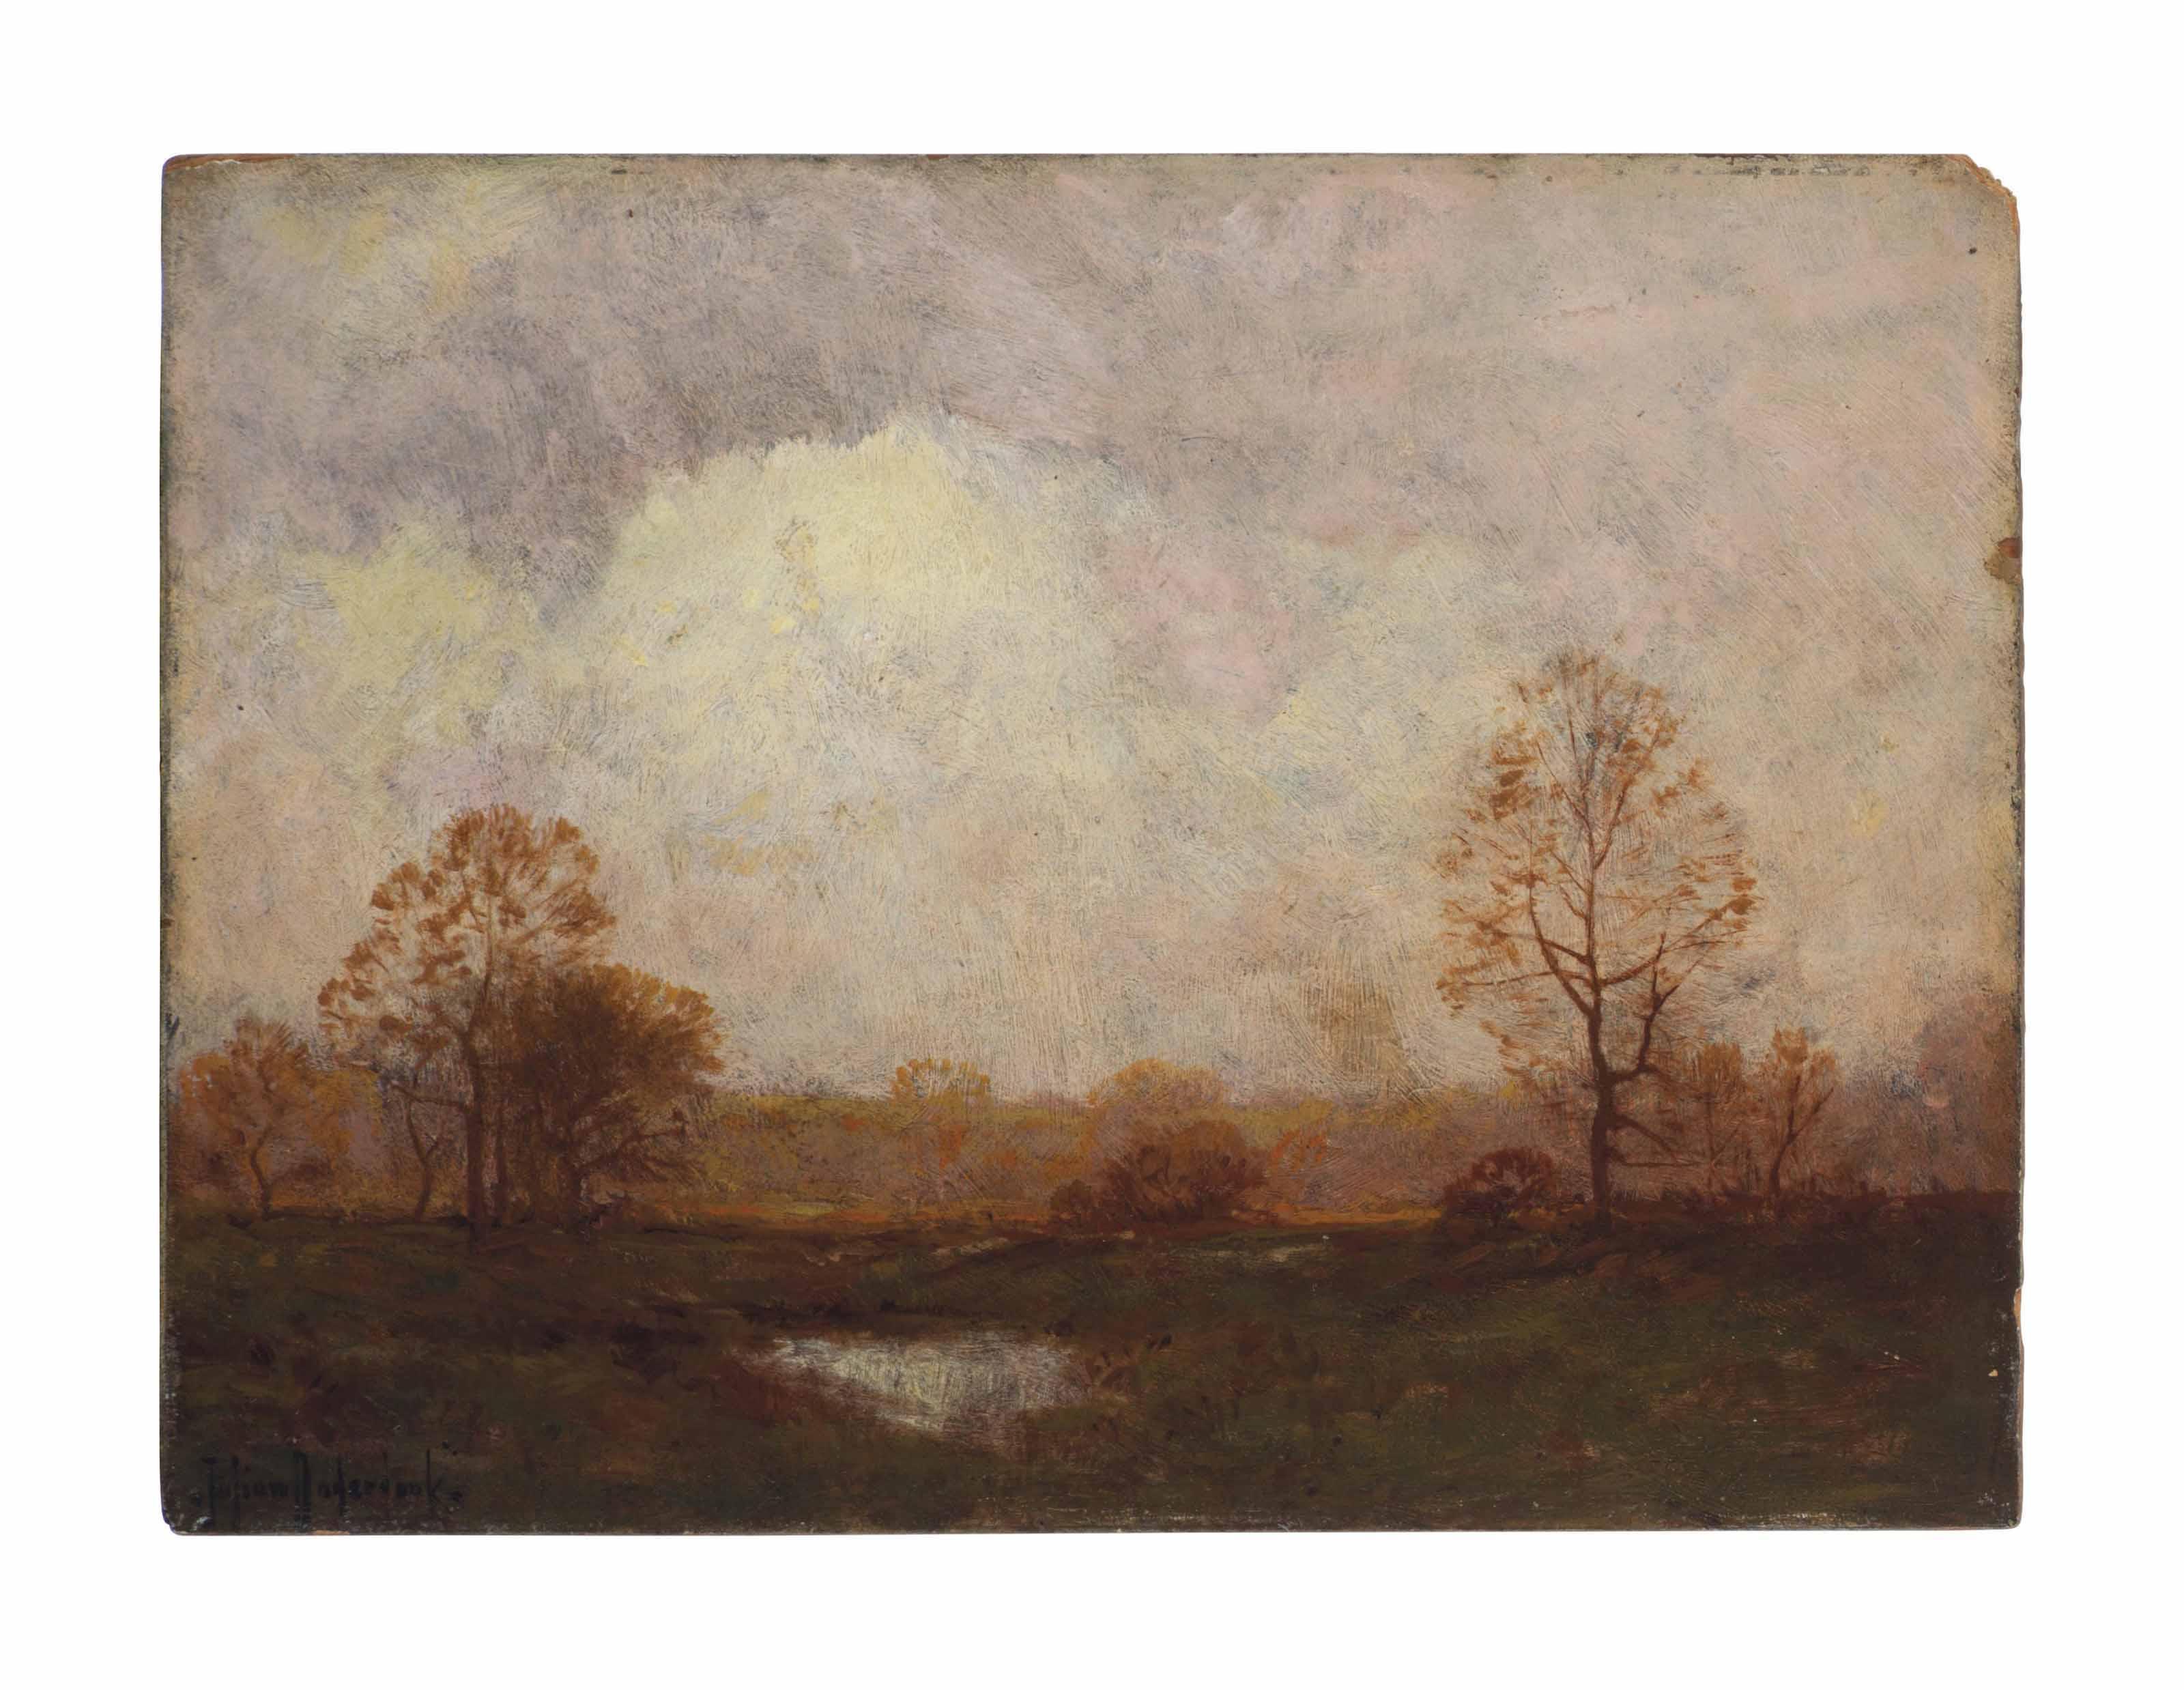 Clouded Sun